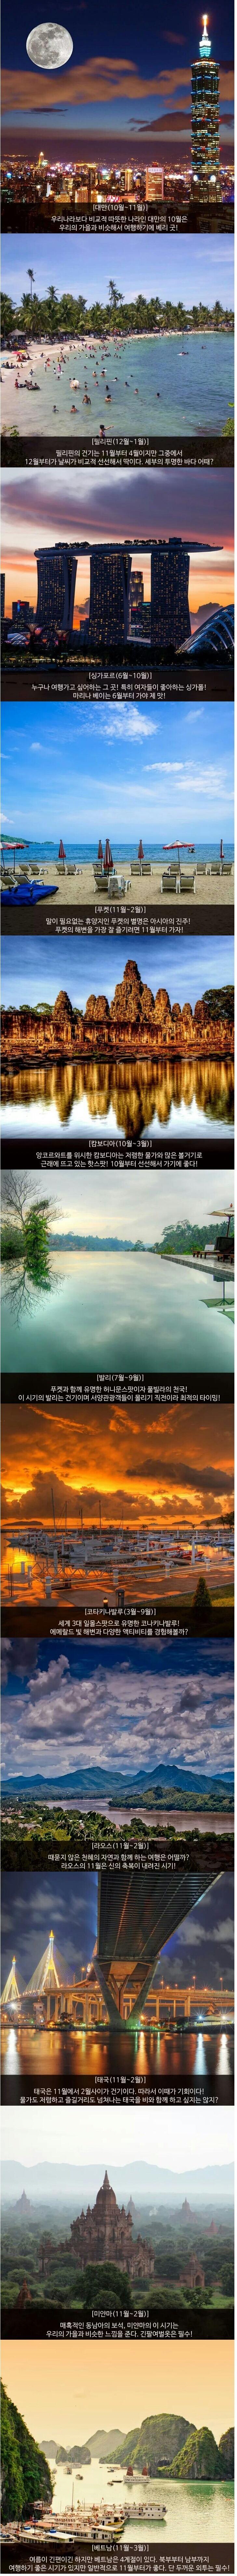 동남아시아 최적의 여행시기